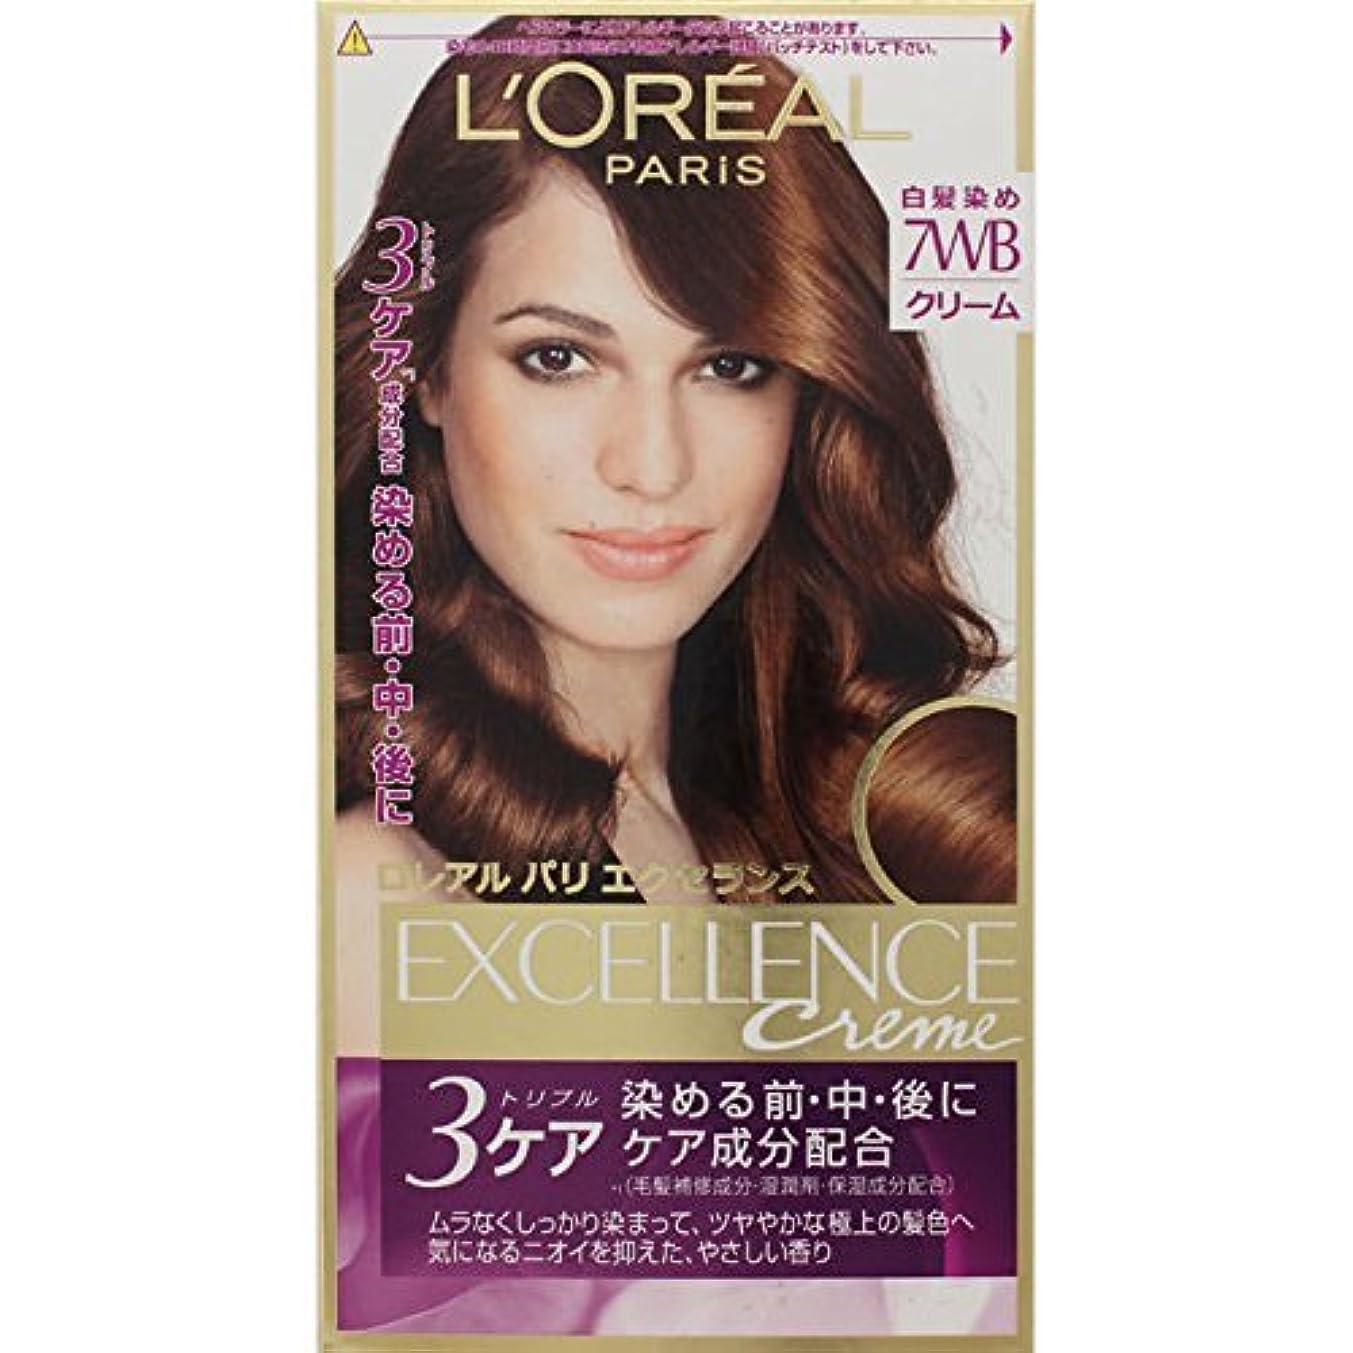 無駄だ満員句読点ロレアル パリ ヘアカラー 白髪染め エクセランス N クリームタイプ 7WB ウォーム系の明るい栗色